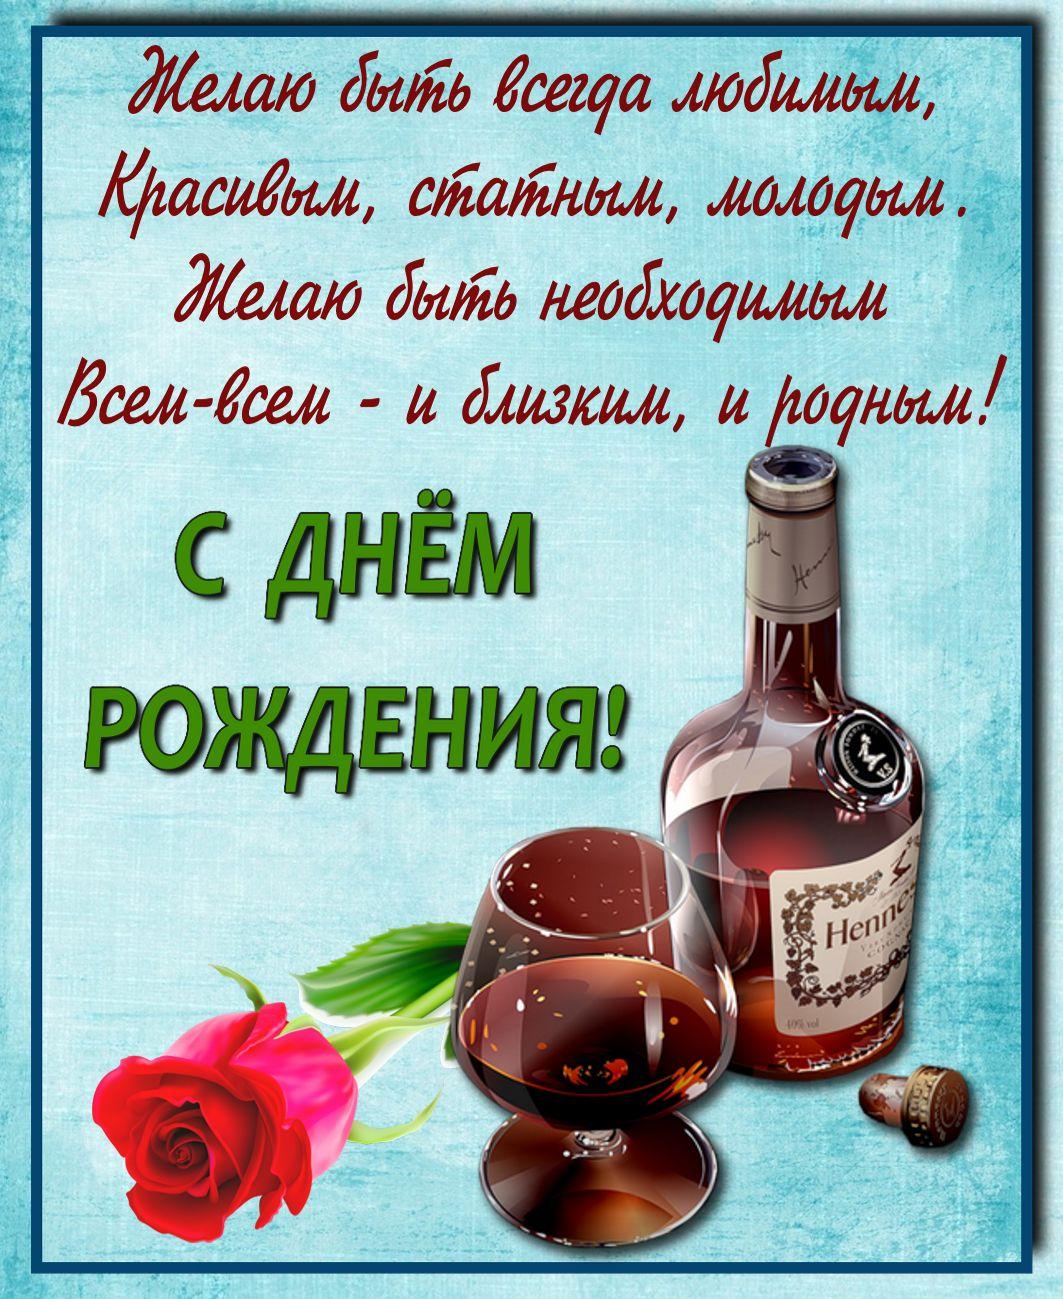 открытка - коньяк Hennesy и пожелание мужчинам